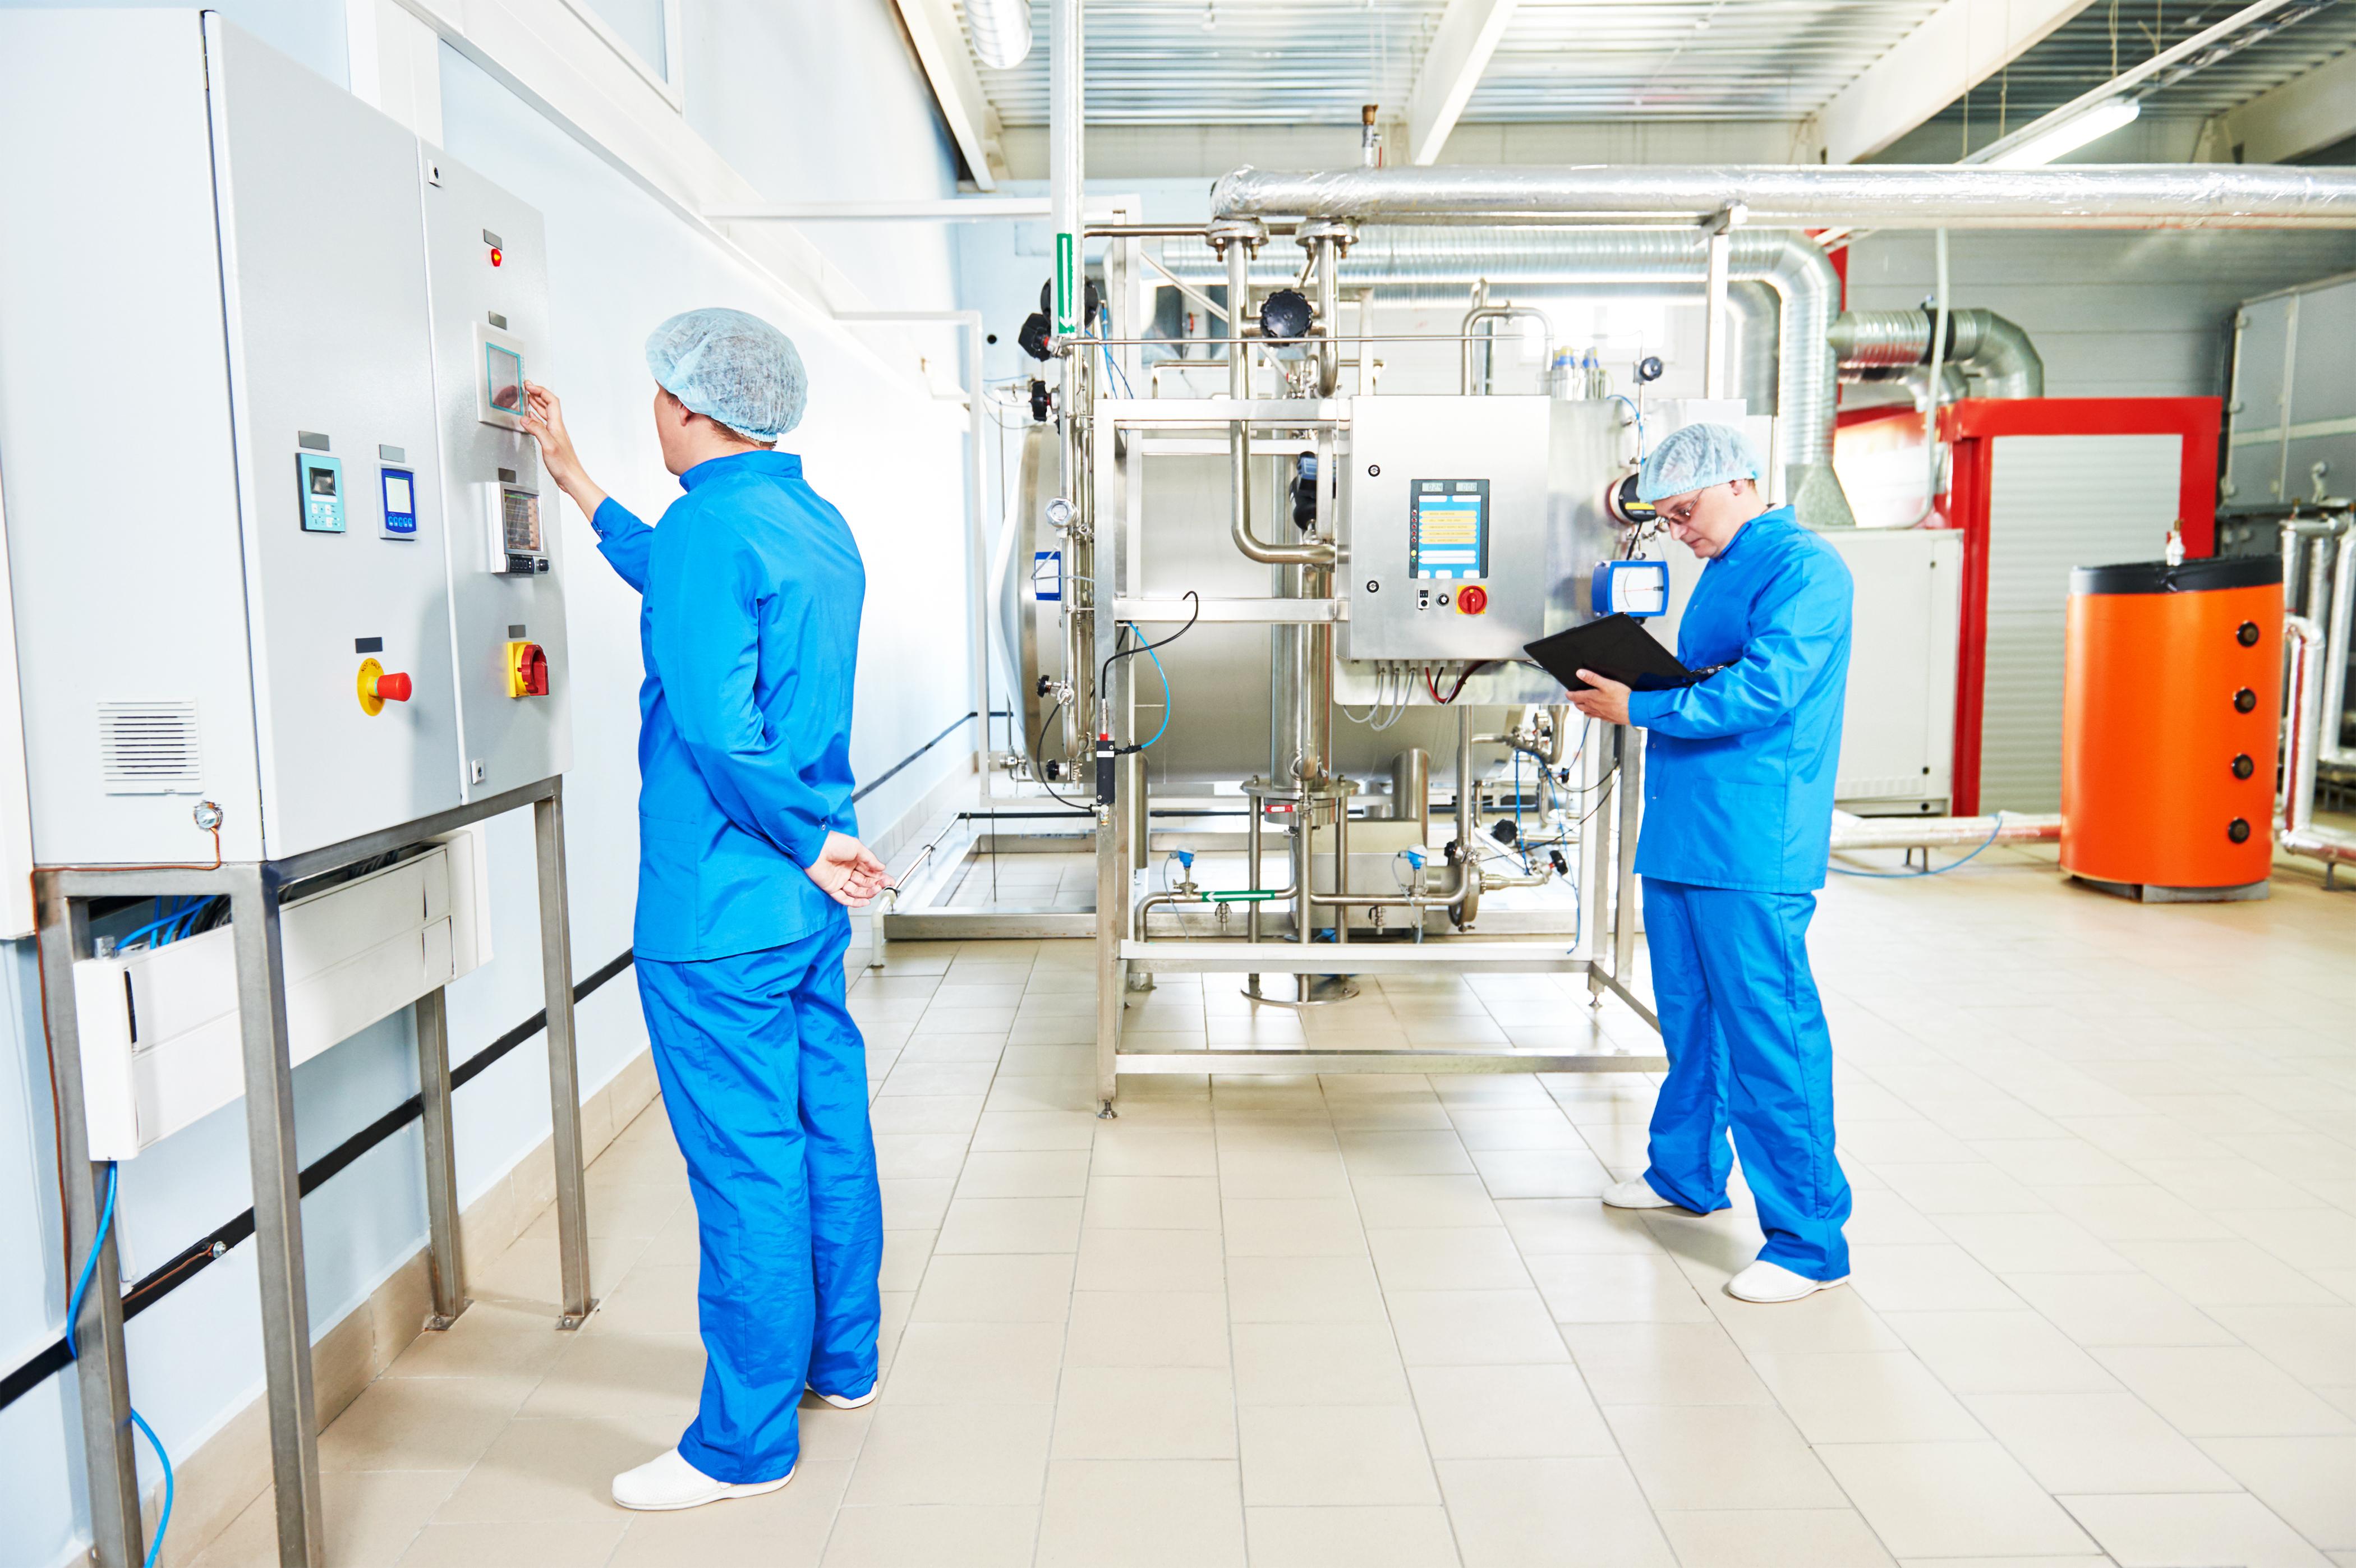 Trabajadores monitorizando los procesos industriales